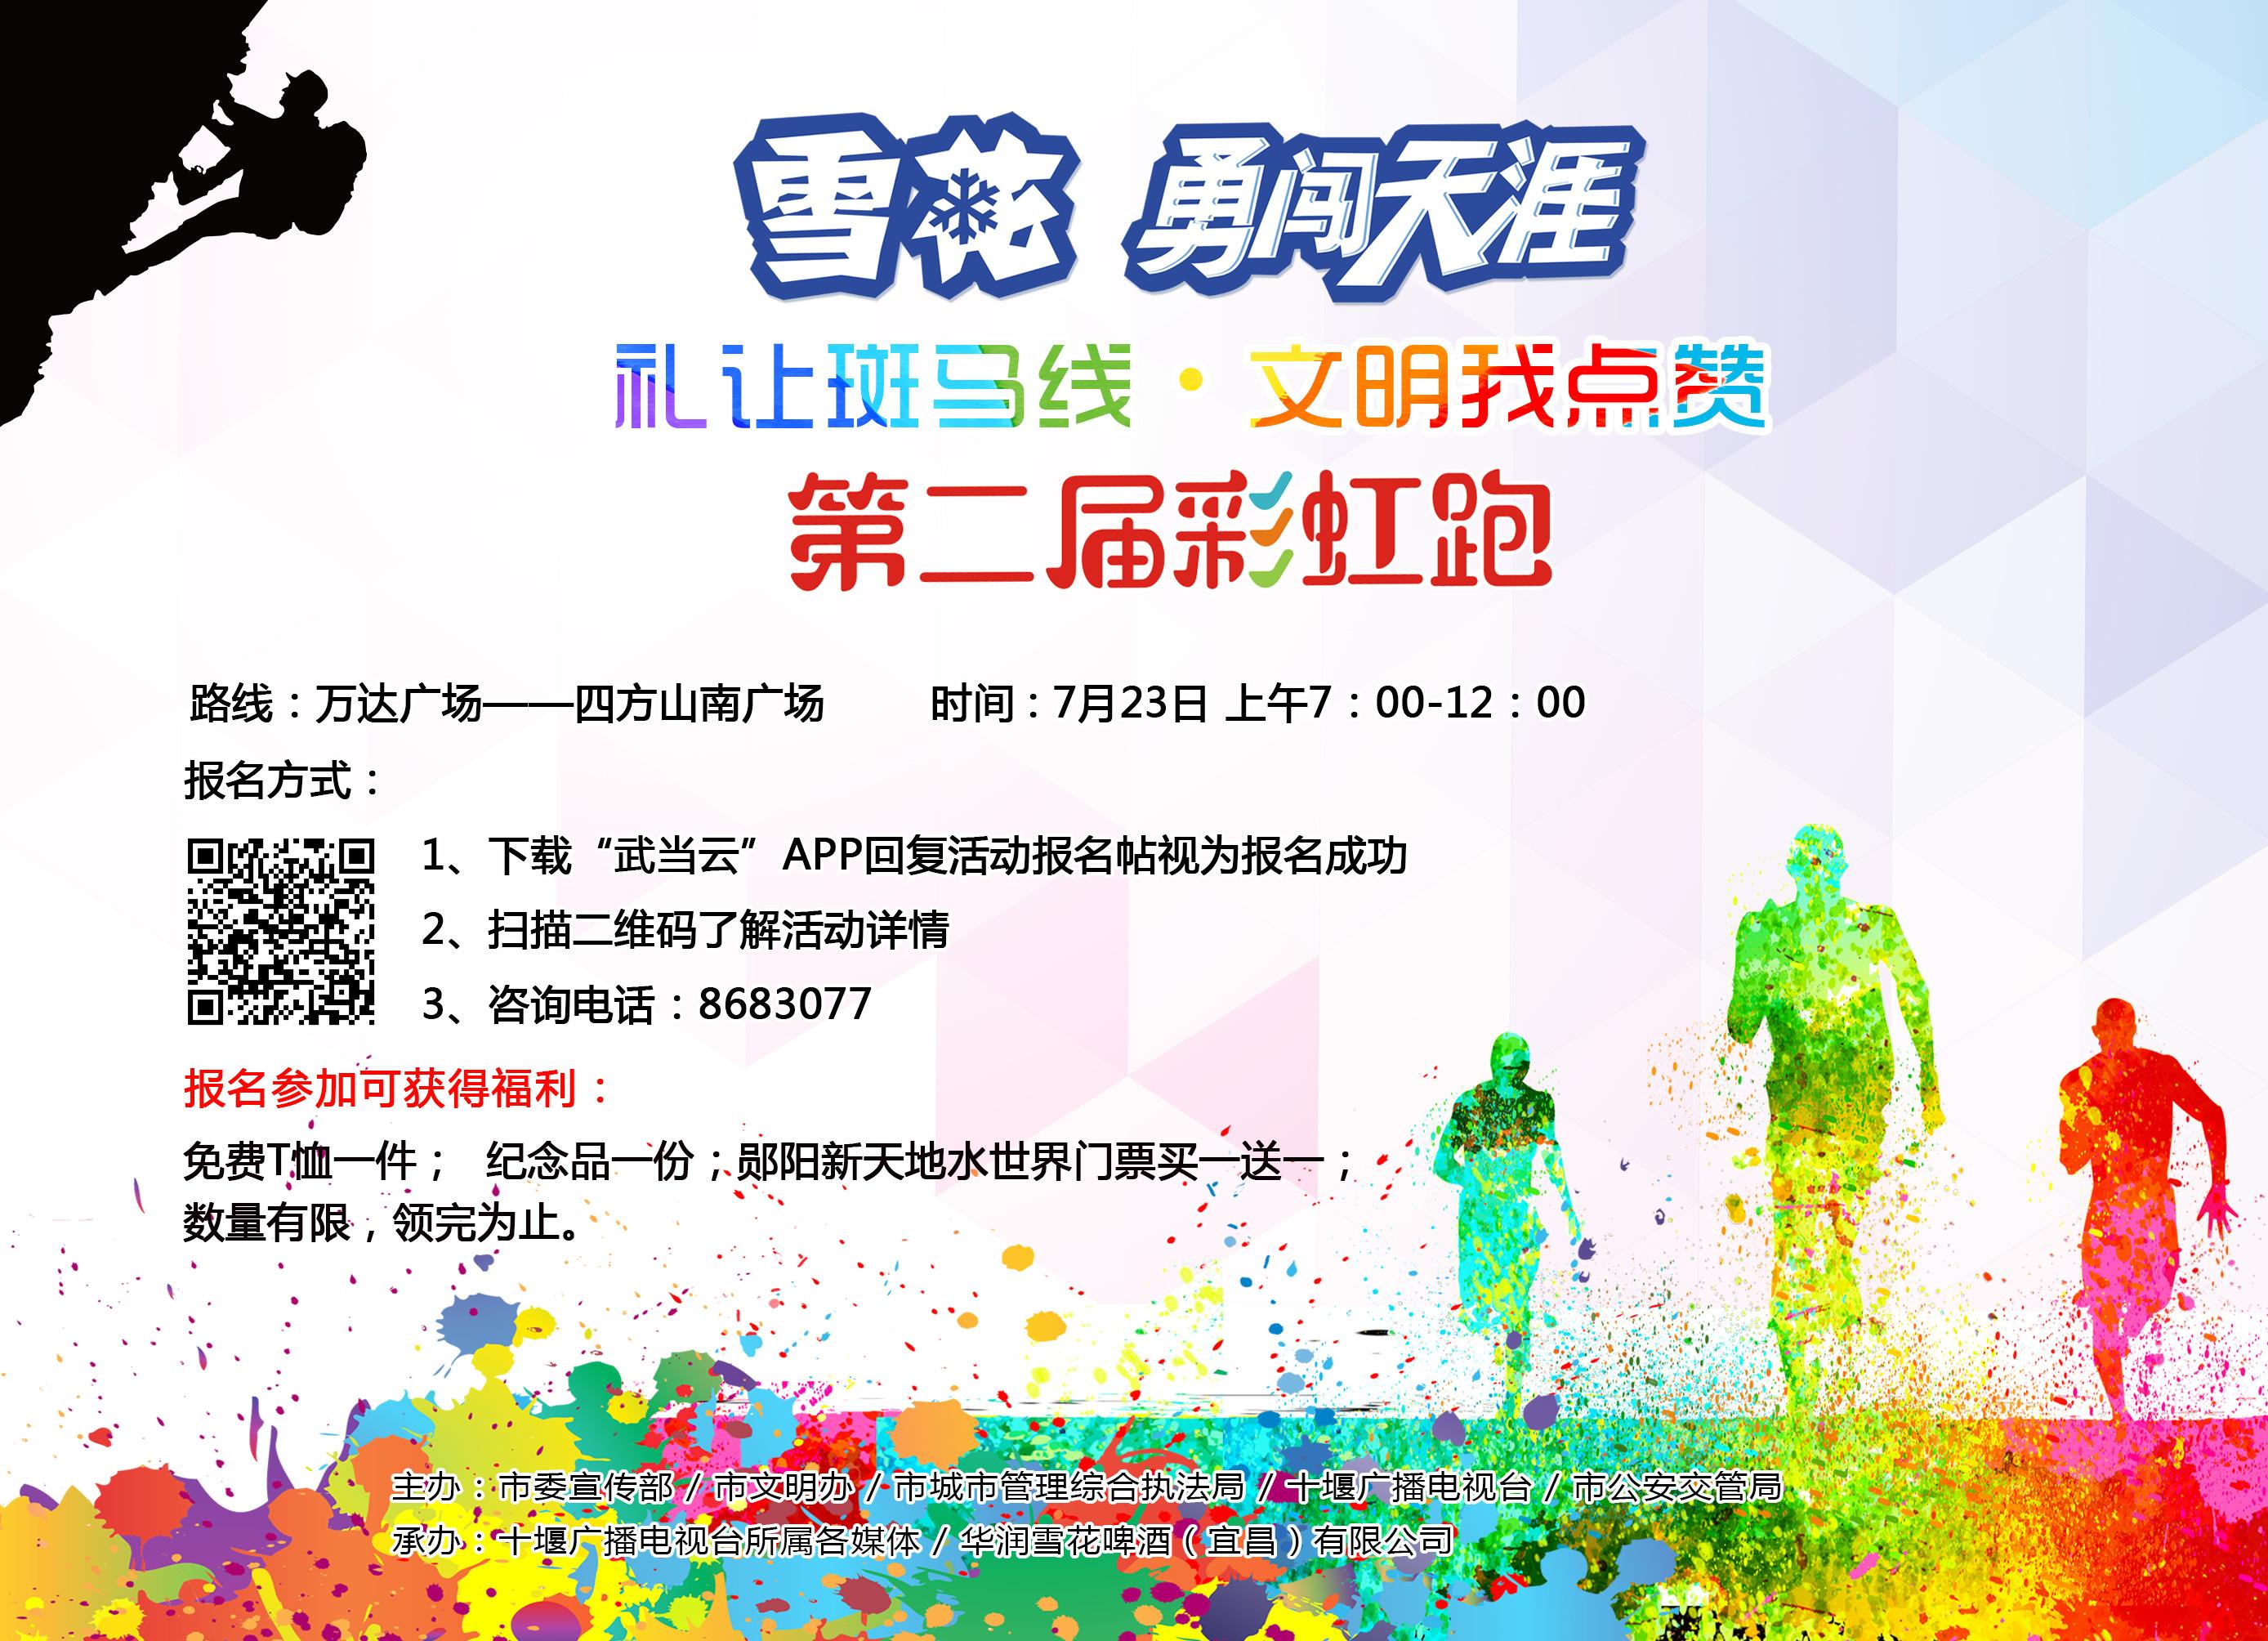 彩虹跑周刊二分之一广告.jpg